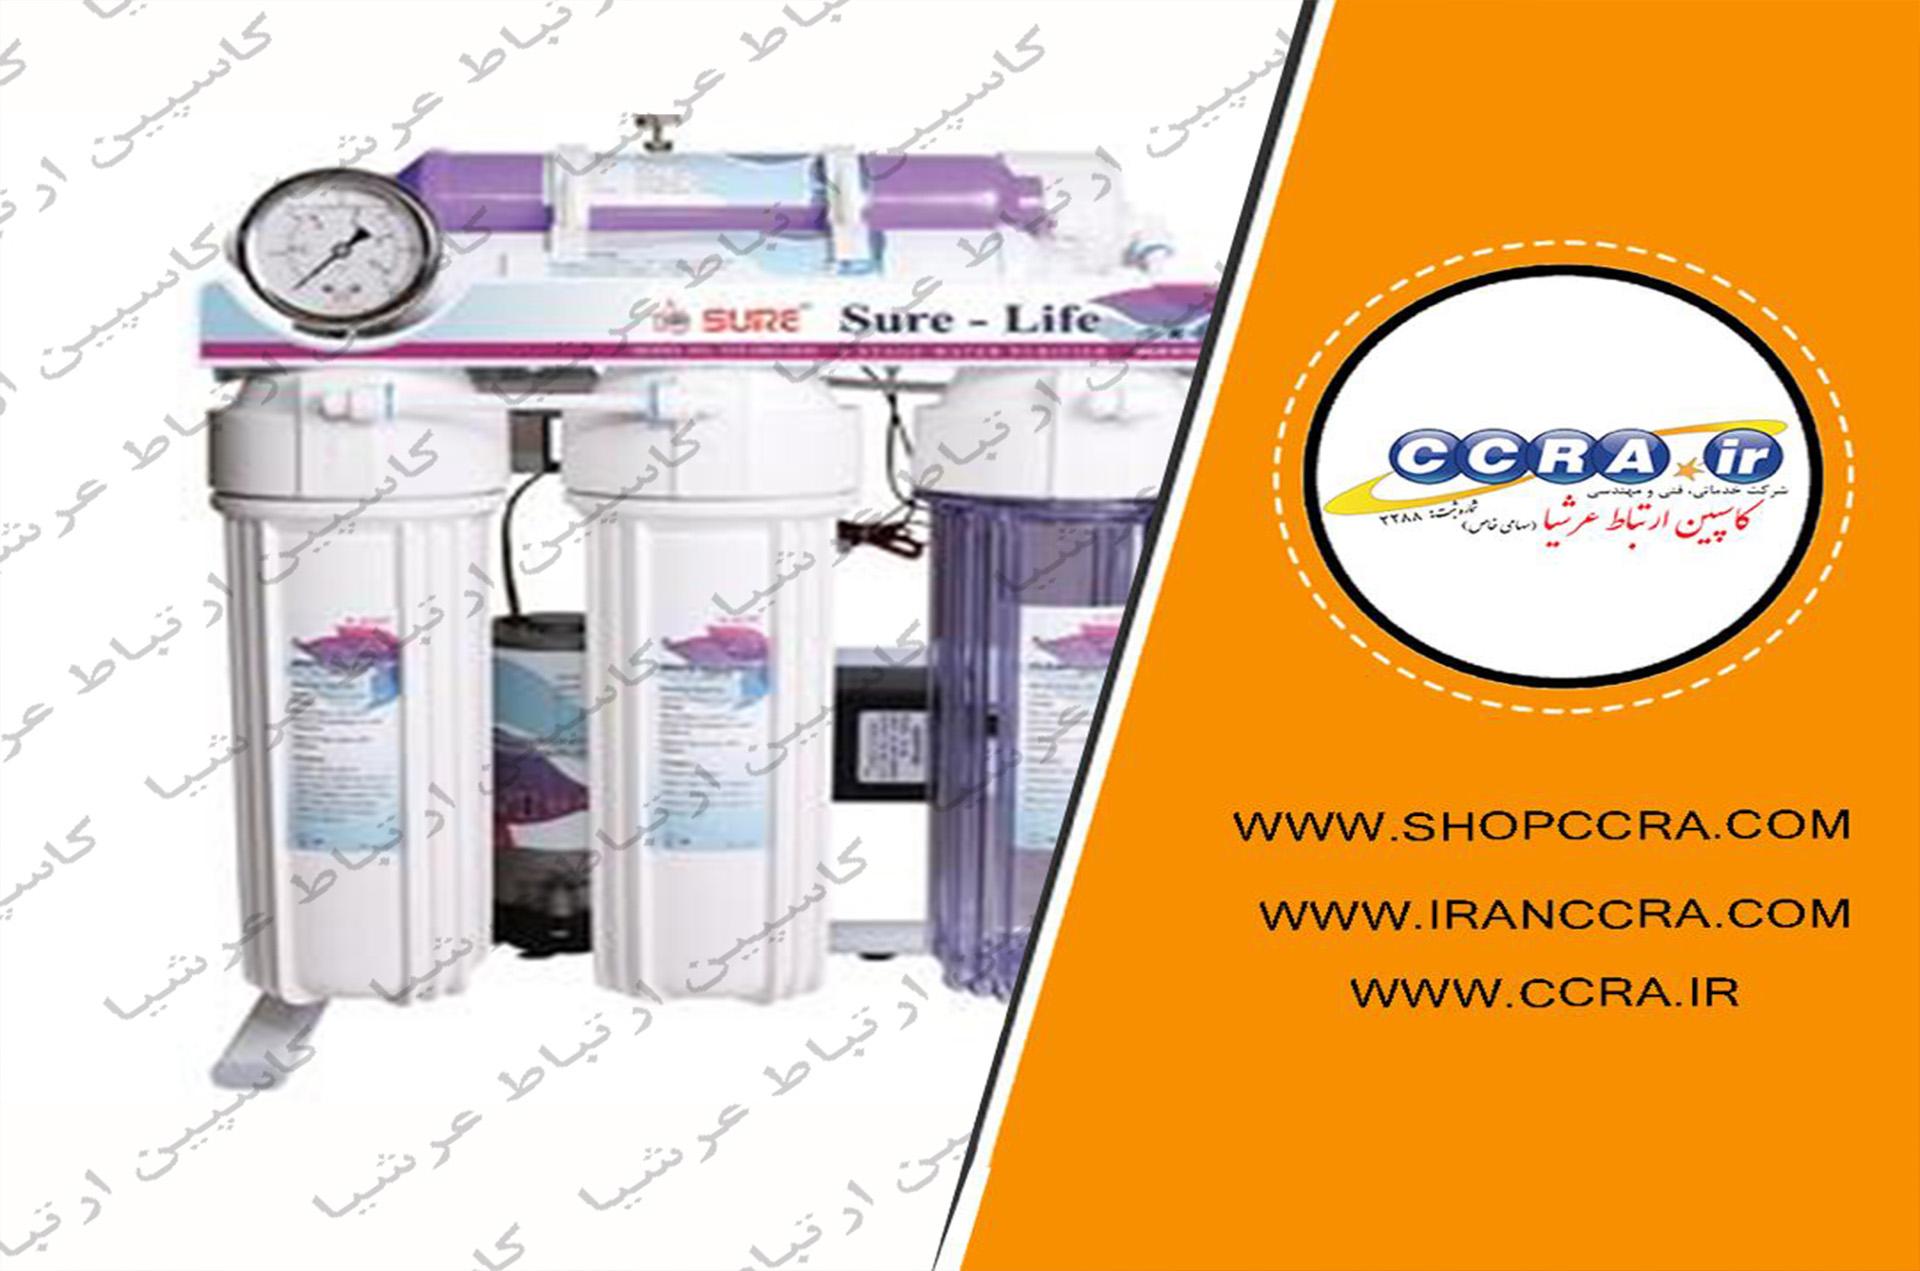 دستگاه تصفیه آب شش مرحله ای شور لایف